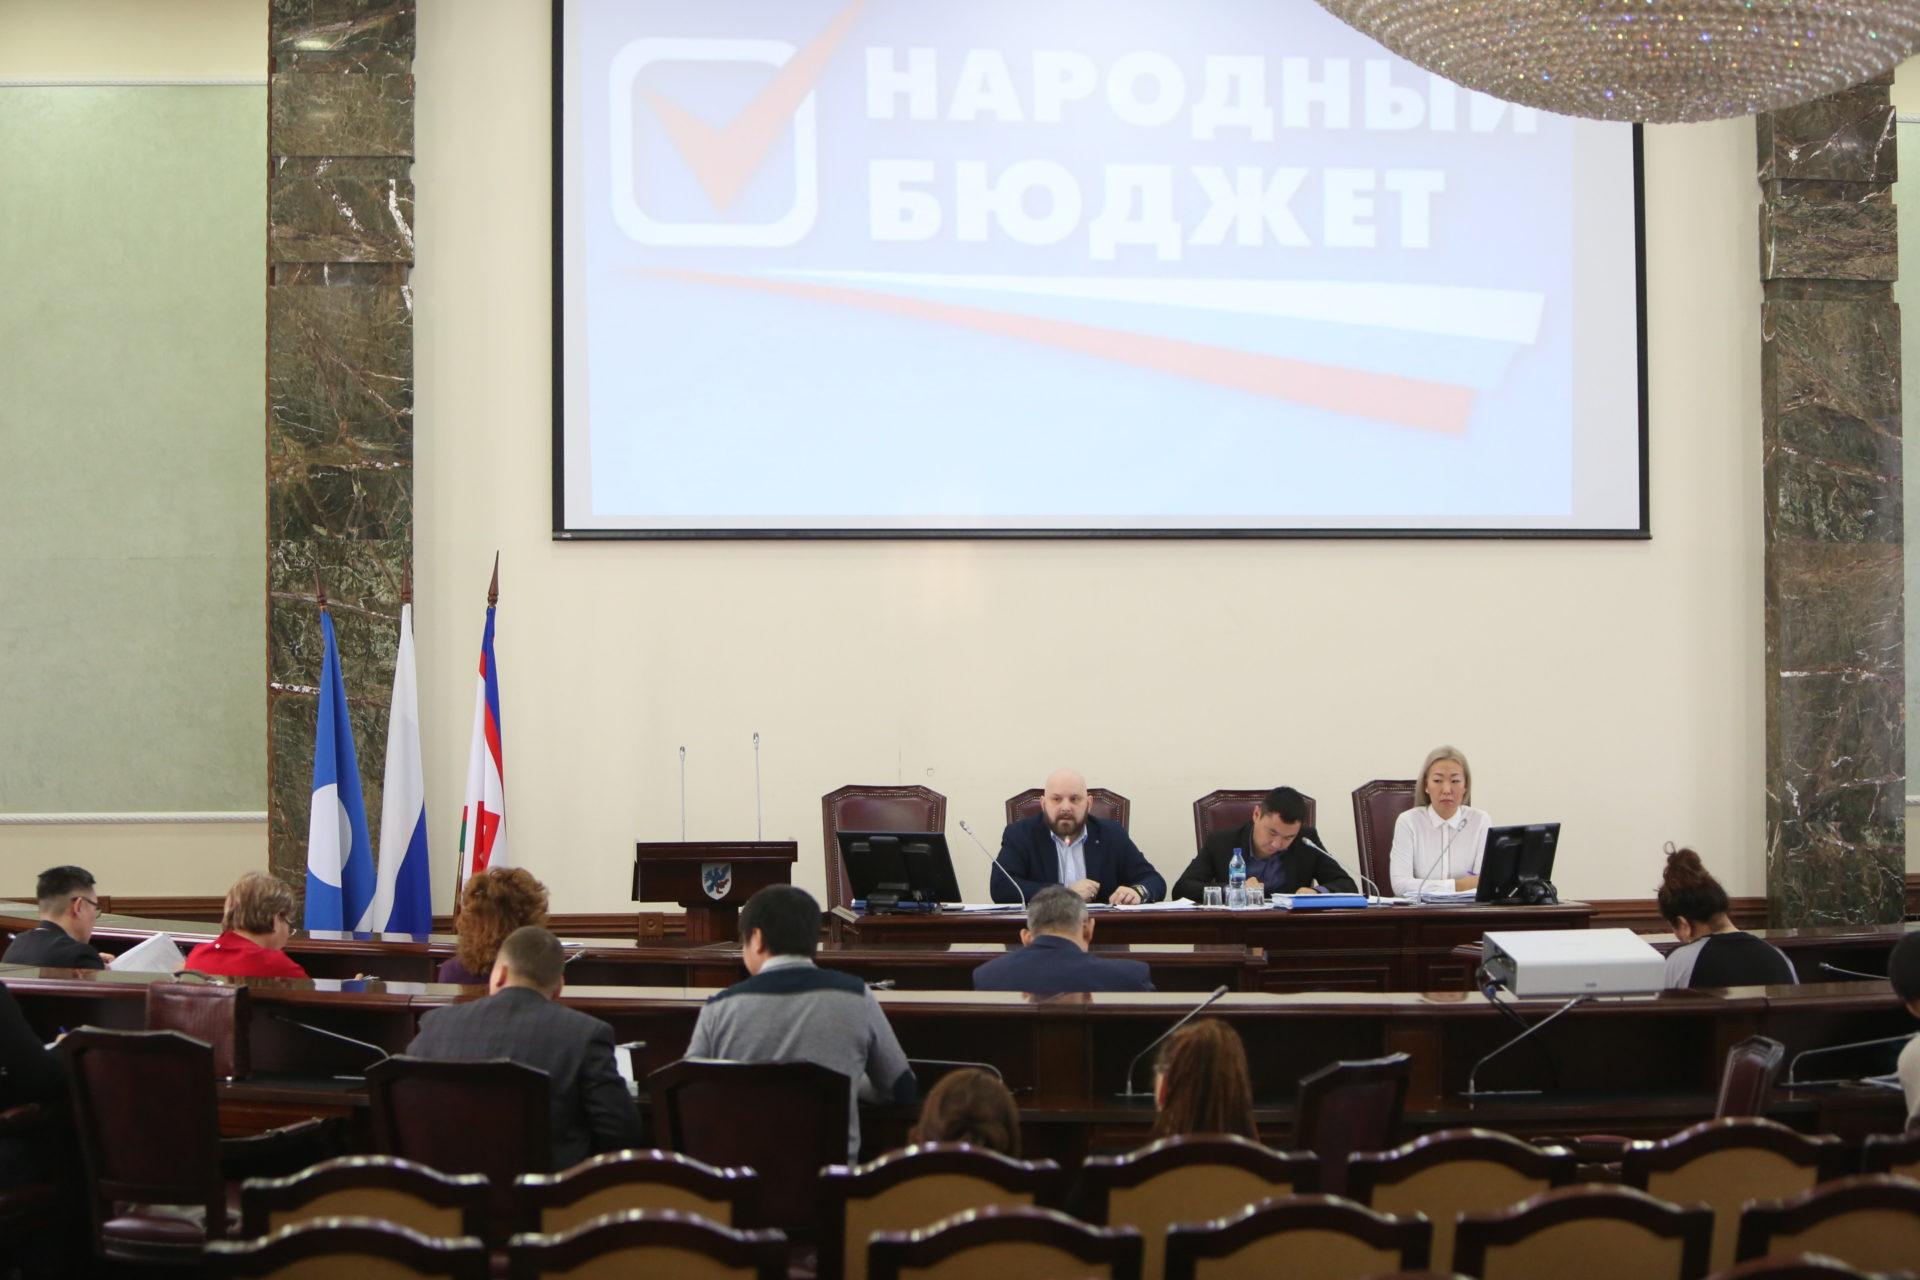 Сегодня, 11 февраля в 10.30 часов начнется прямая трансляция заседания конкурсной комиссии «Народный бюджет-2019»